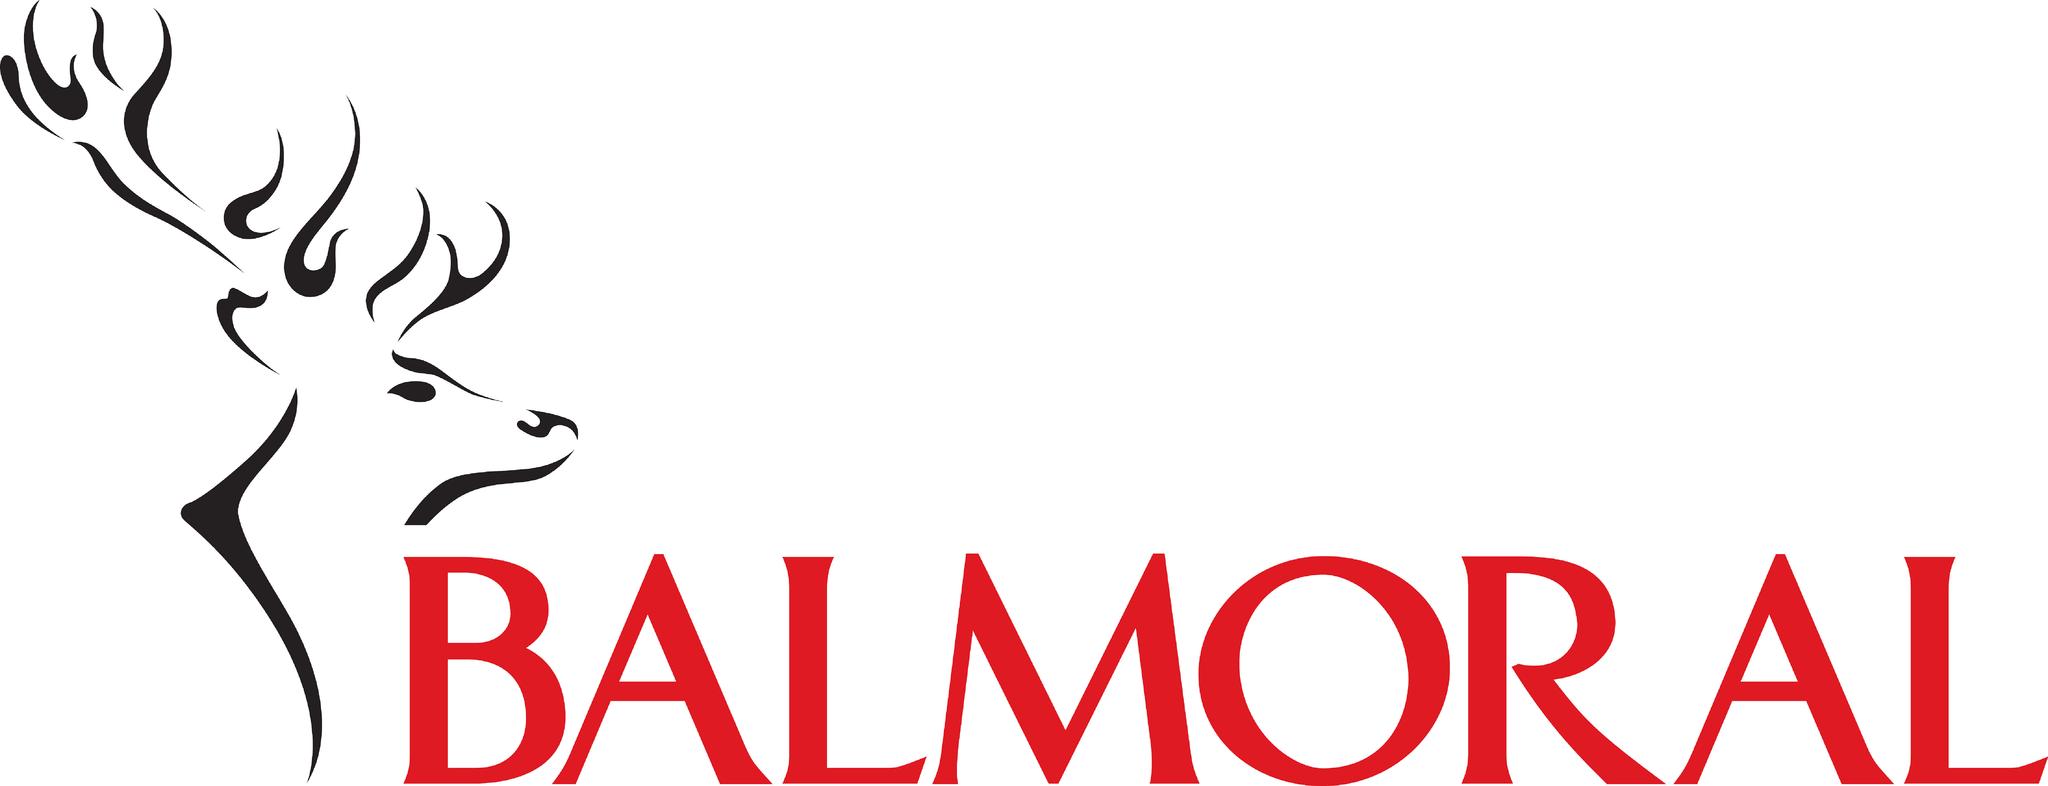 Balmoral Comtec Ltd